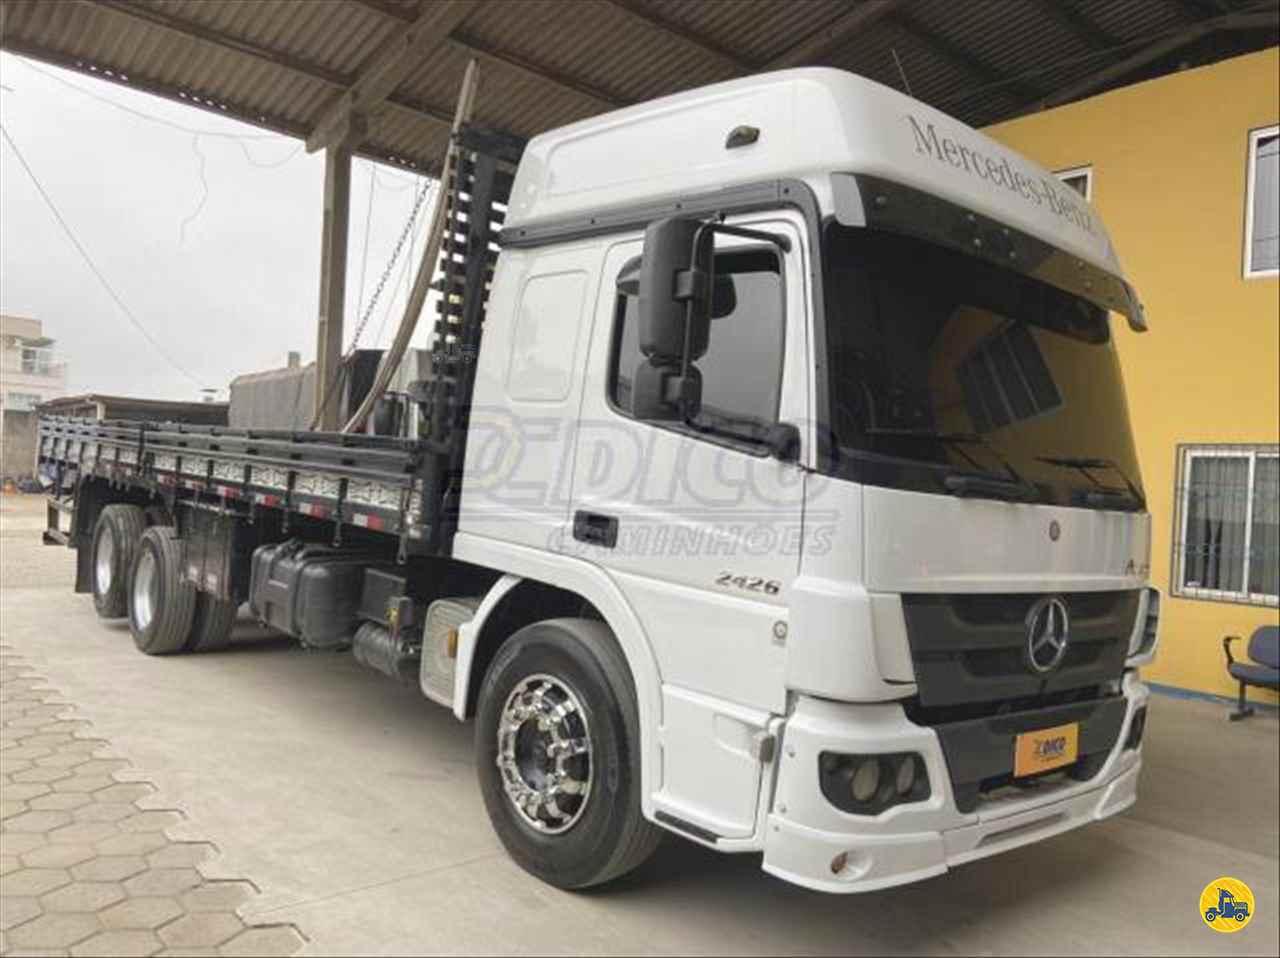 CAMINHAO MERCEDES-BENZ MB 2426 Carga Seca Truck 6x2 Dico Caminhões RIO DO SUL SANTA CATARINA SC